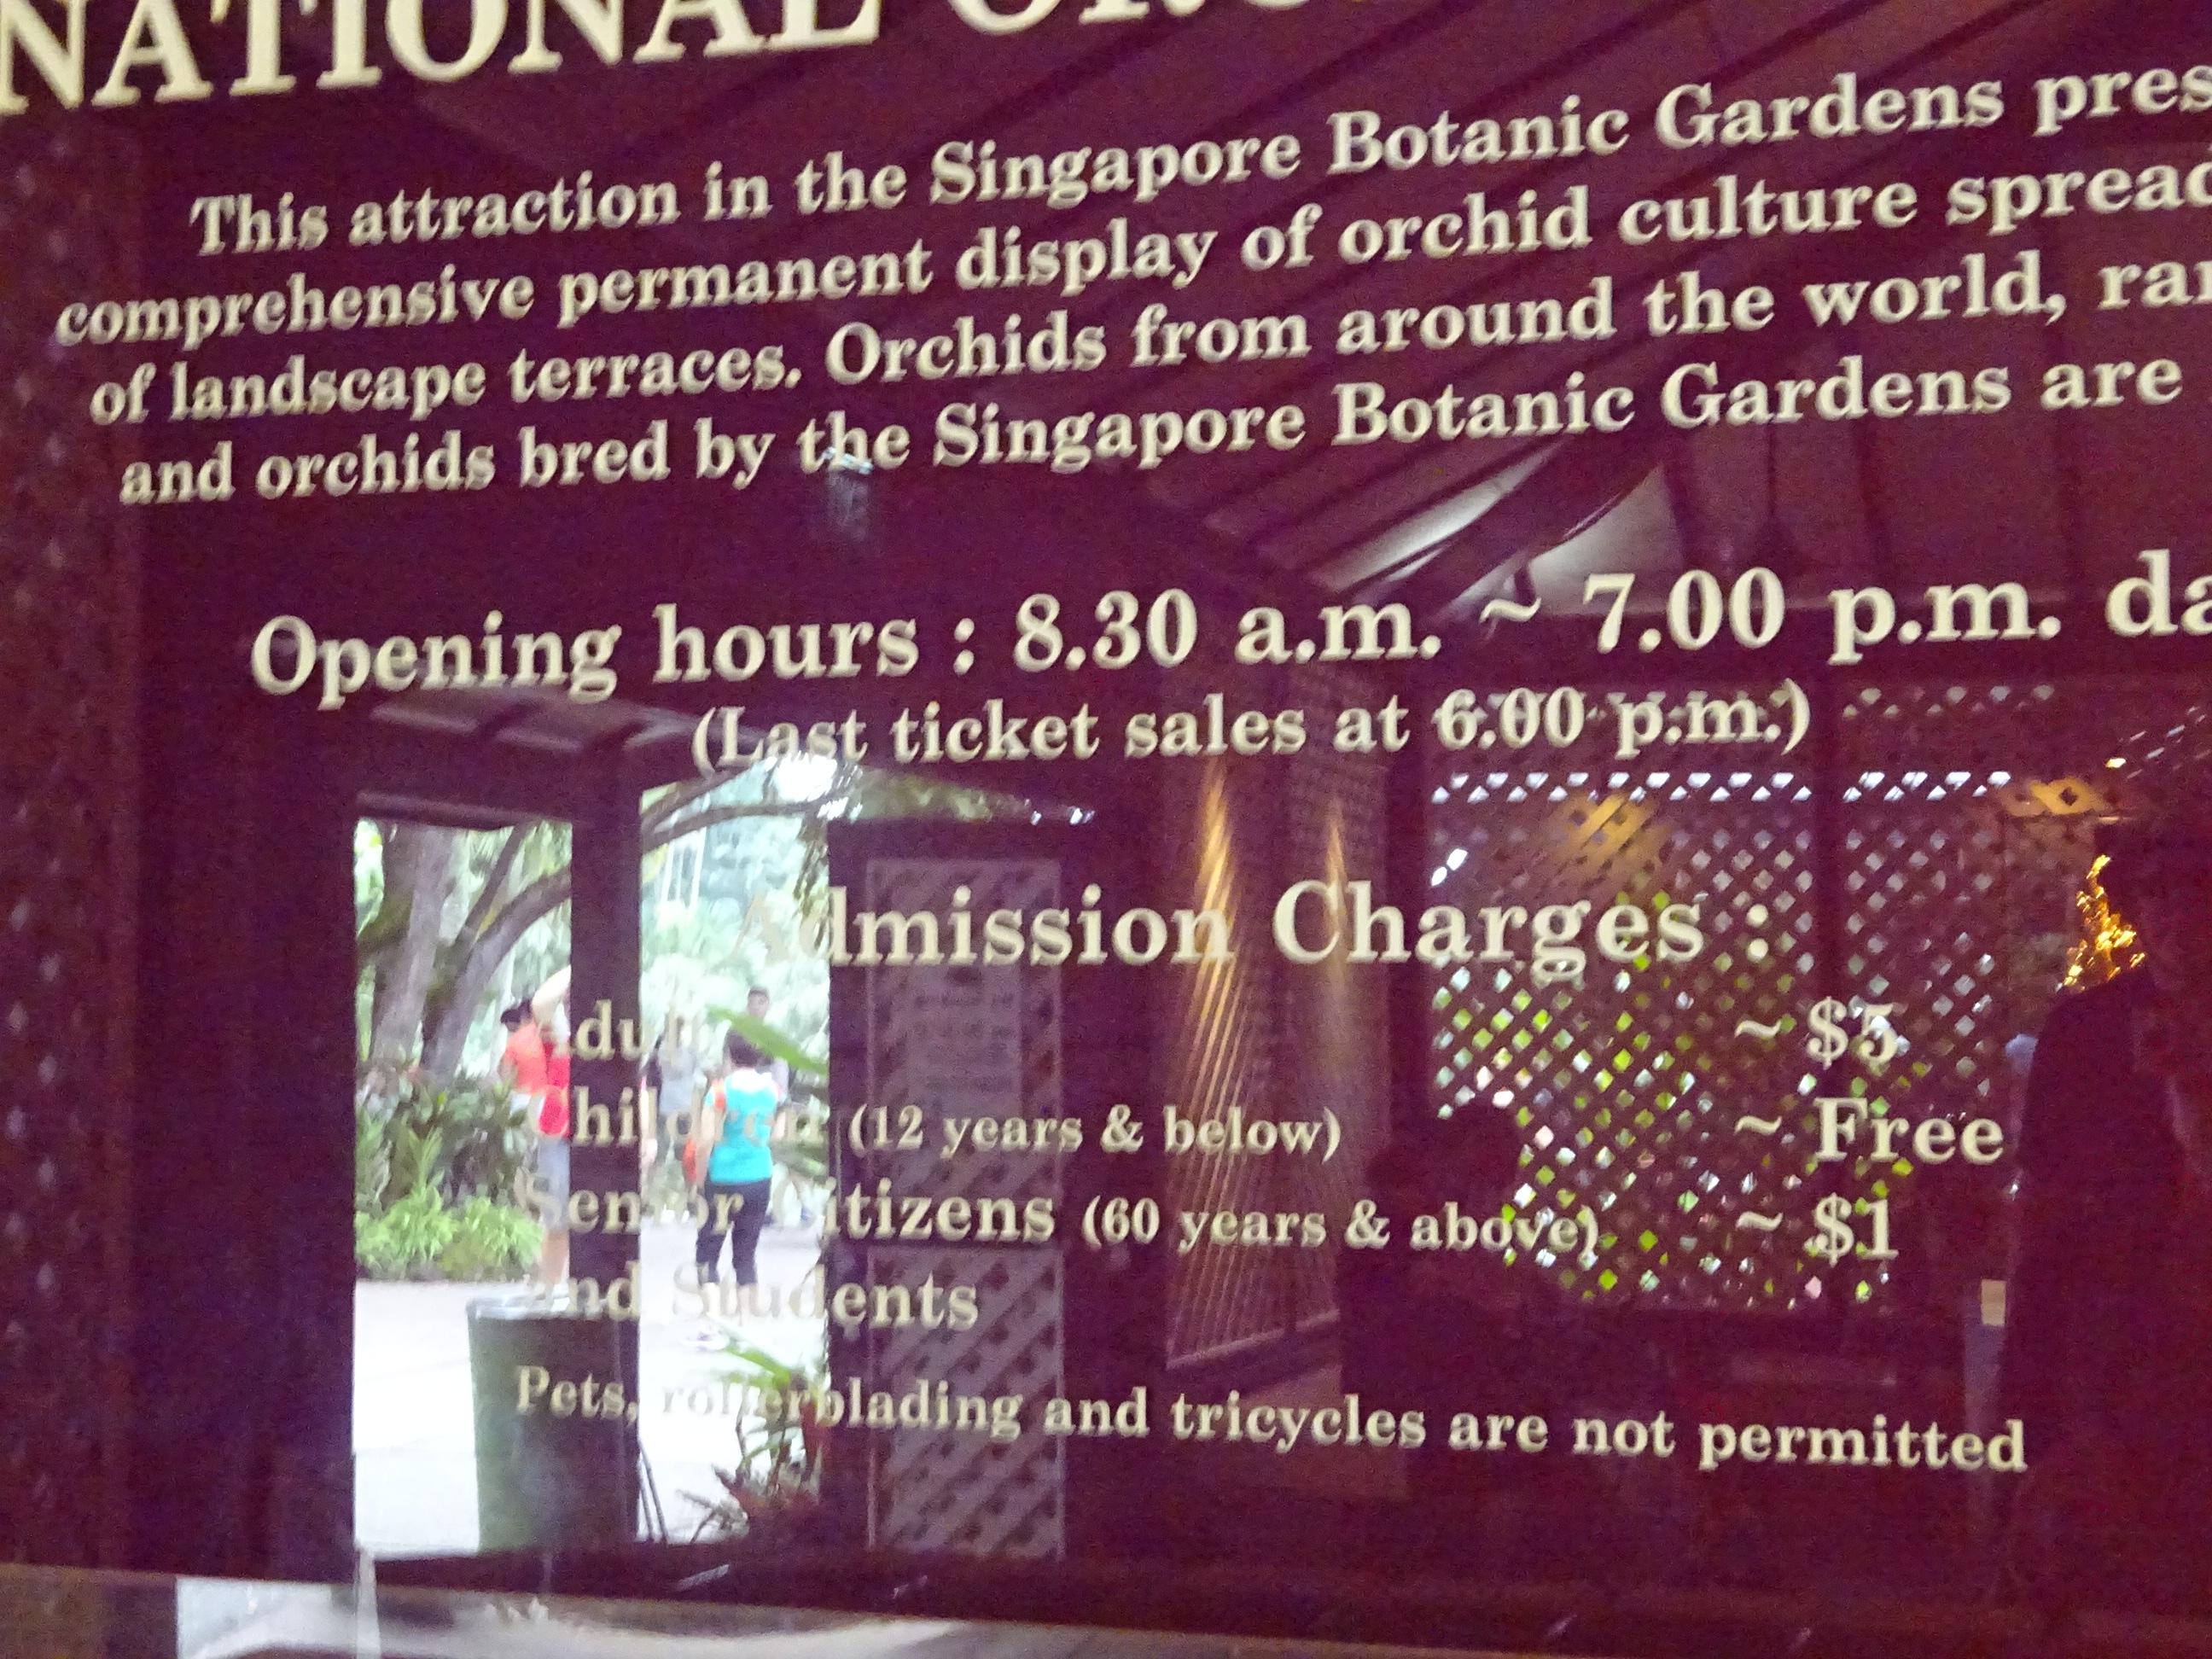 シンガポールの国立洋ラン園(ナショナル オーキッド ガーデン)のチケット売り場